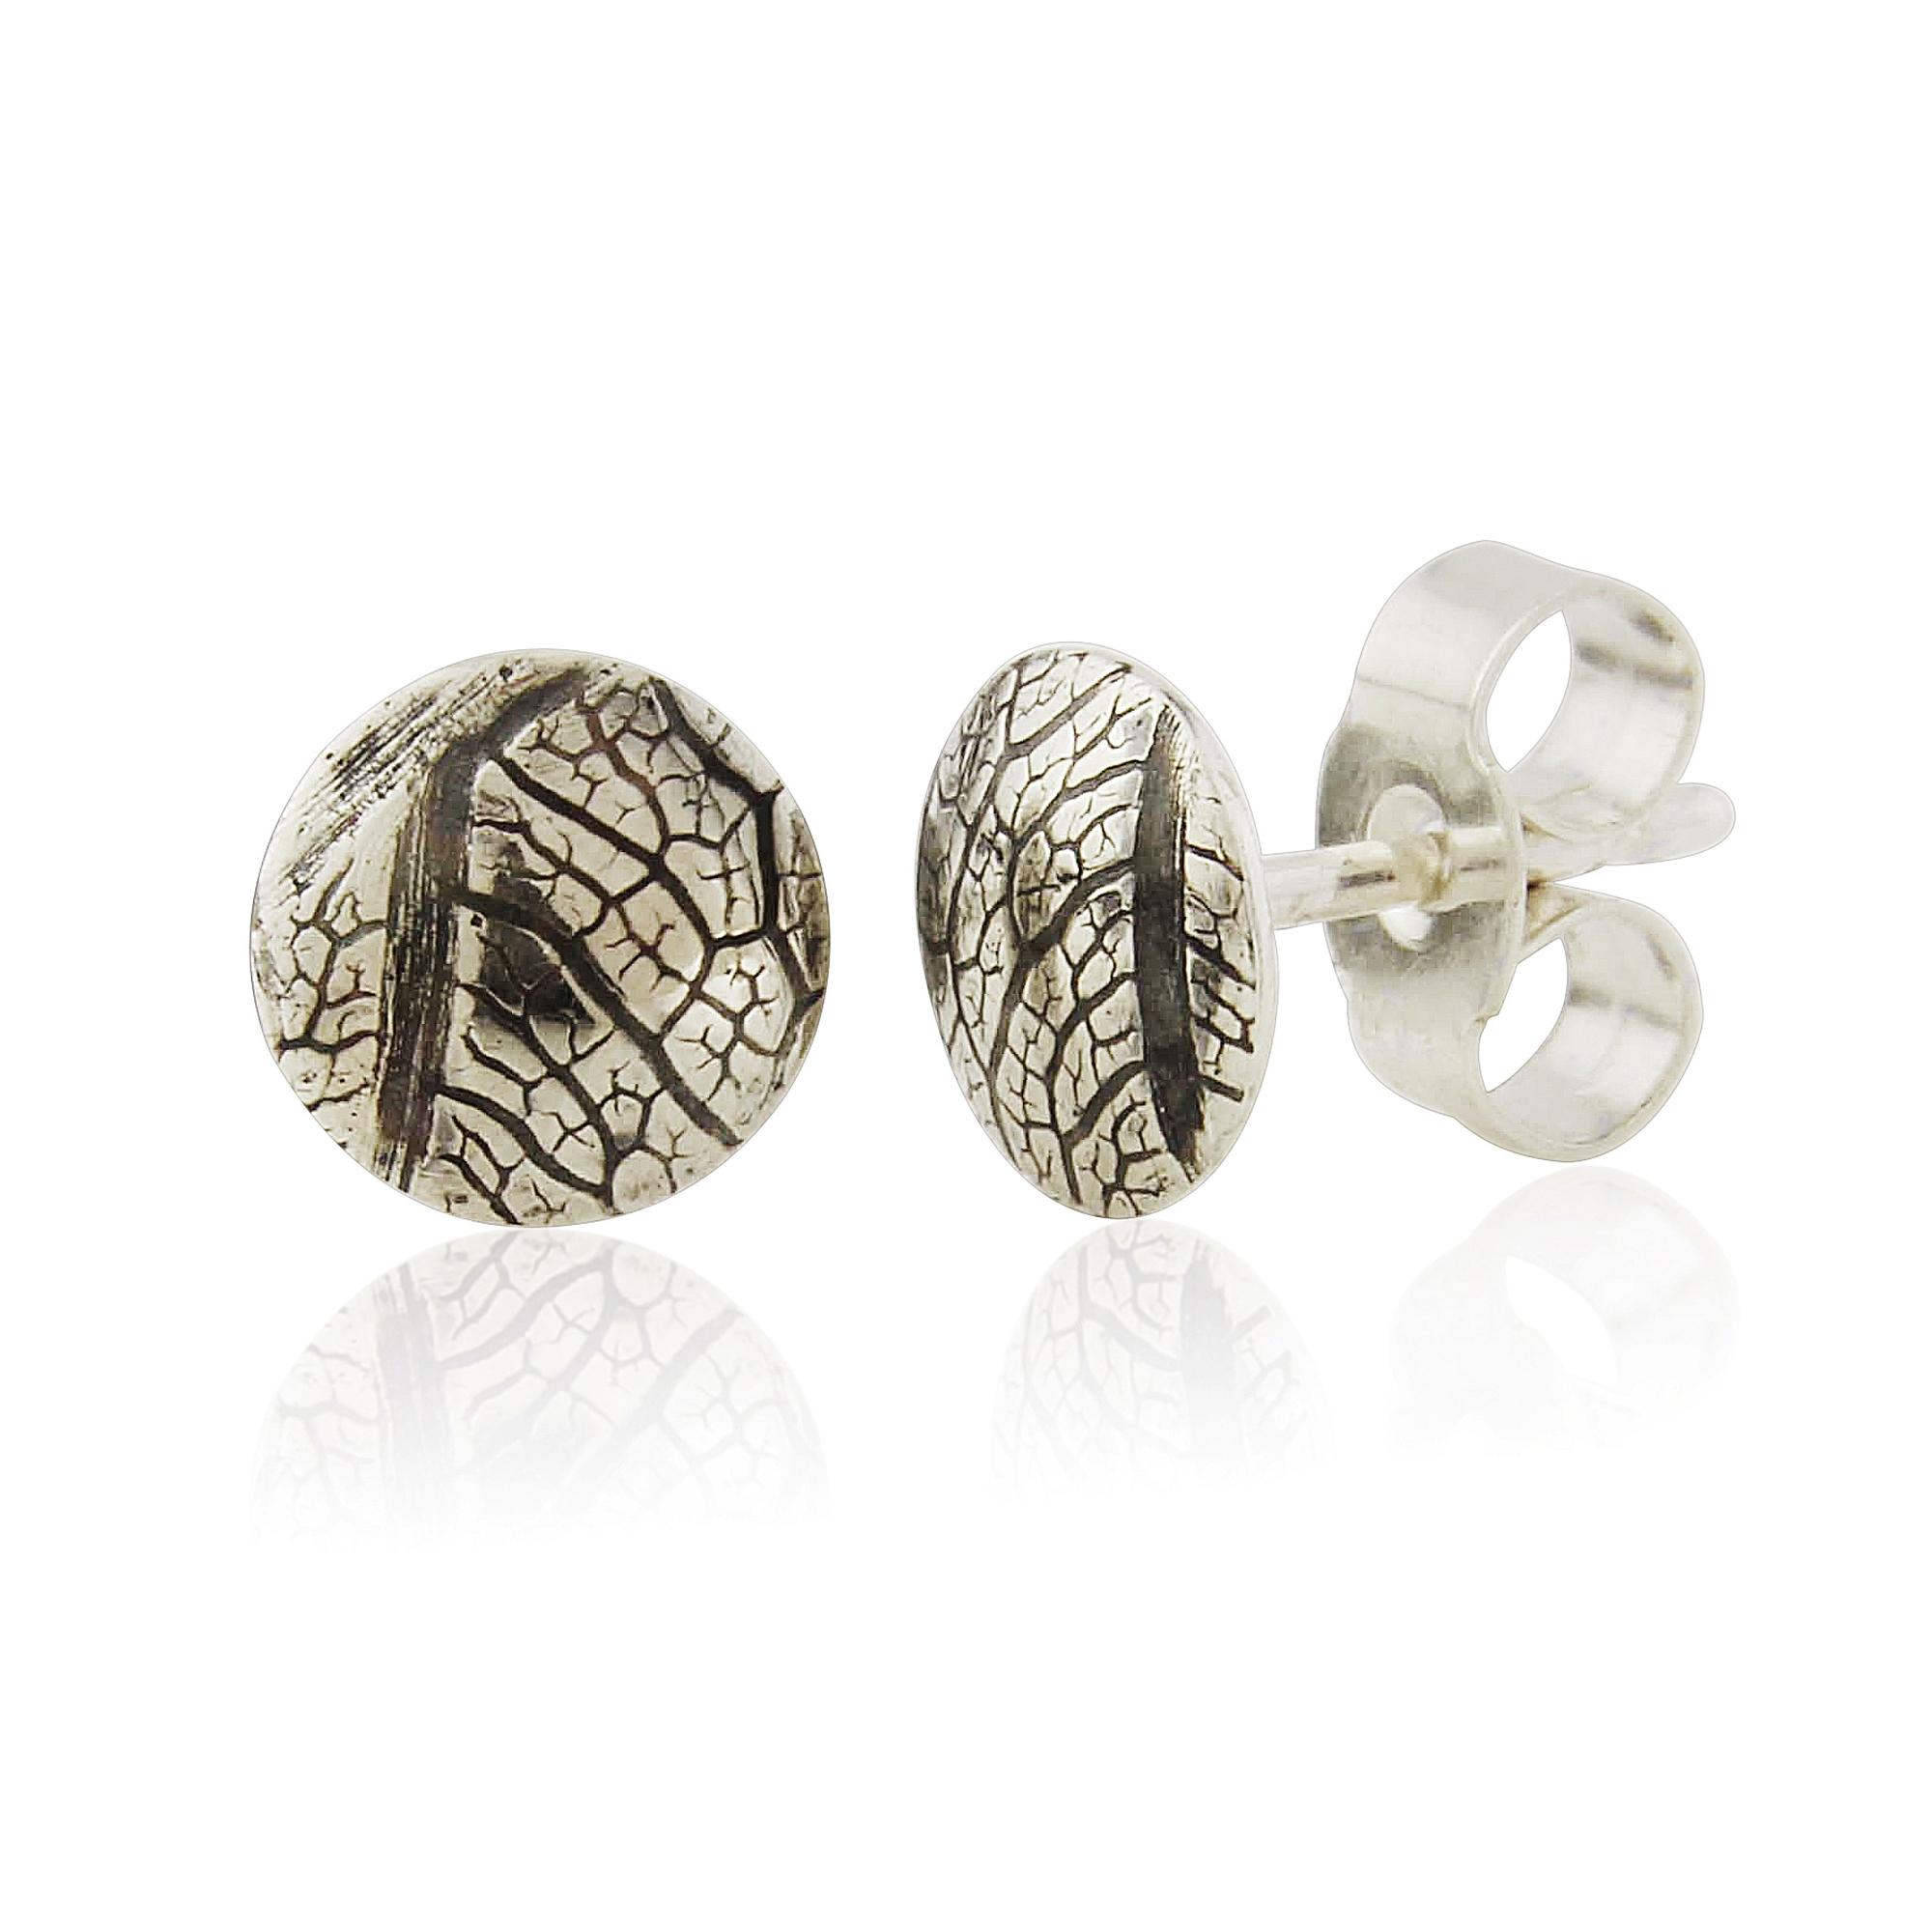 Small domed oxidised leaf skeleton earrings